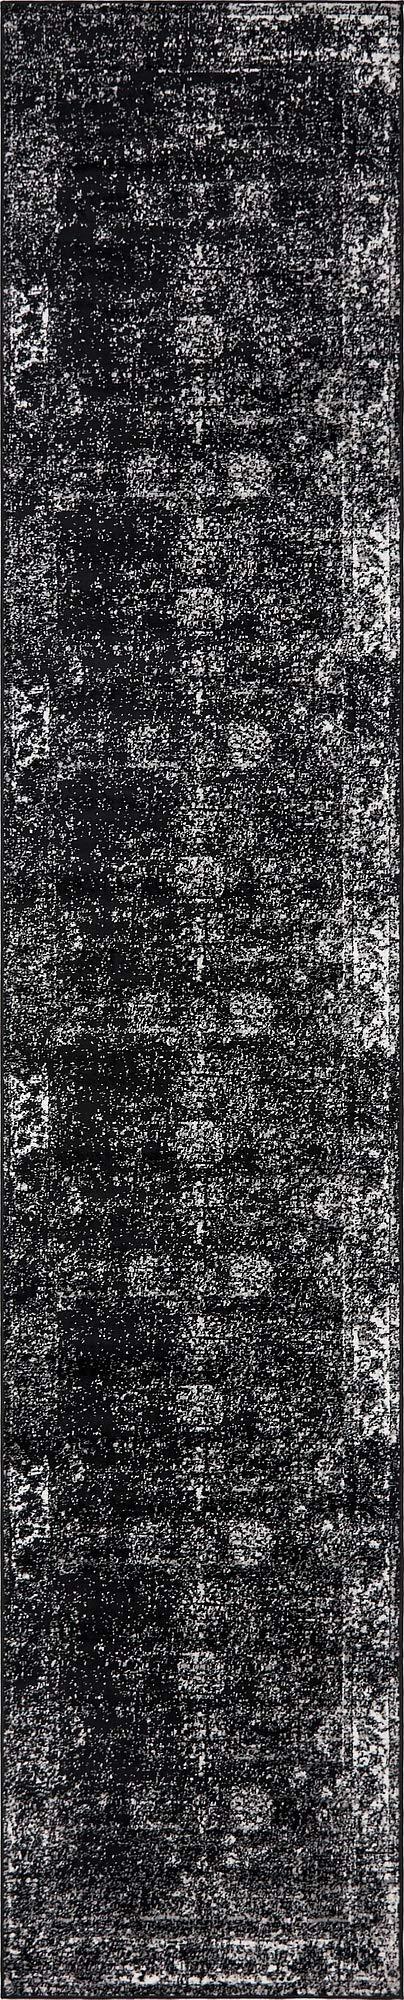 Unique Loom 3141461 Area Rug, 3' x 16' Runner, Black